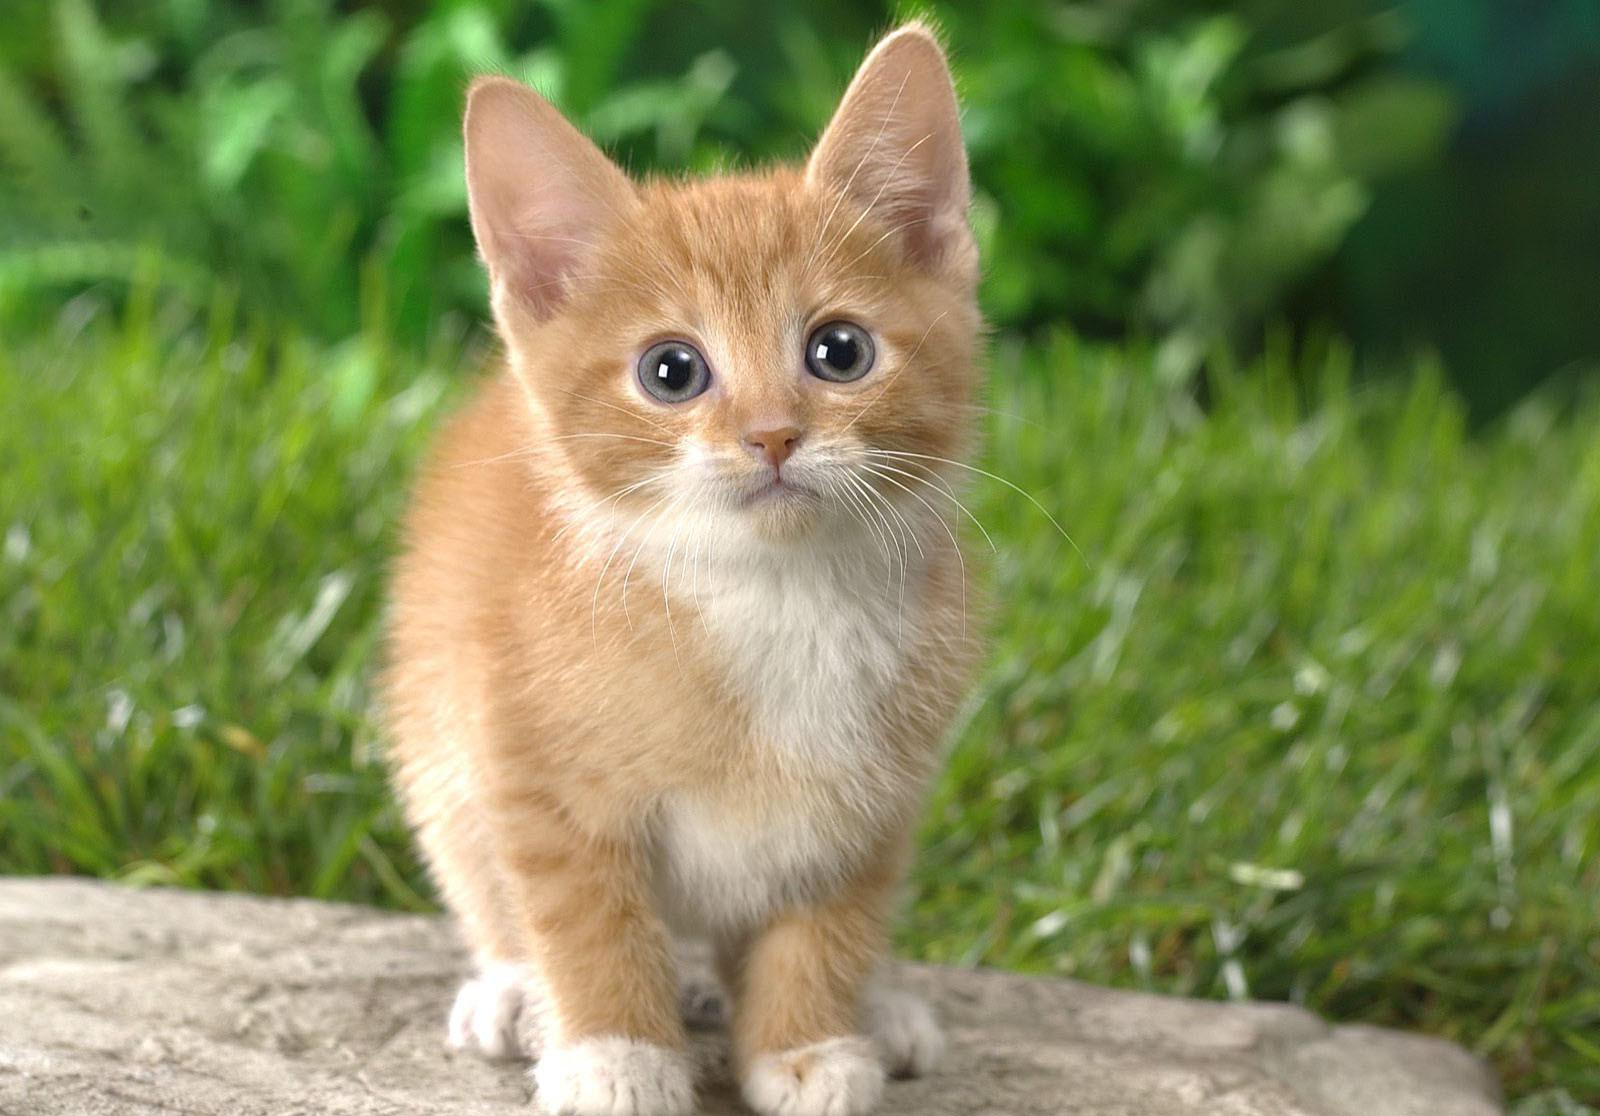 Hình nền : con mèo, cỏ, Châu Á, Động vật hoang dã, Mèo con, Râu, Động vật,  Động vật có vú, Mèo như động vật có vú, Mõm, Mèo nhỏ đến vừa, ...